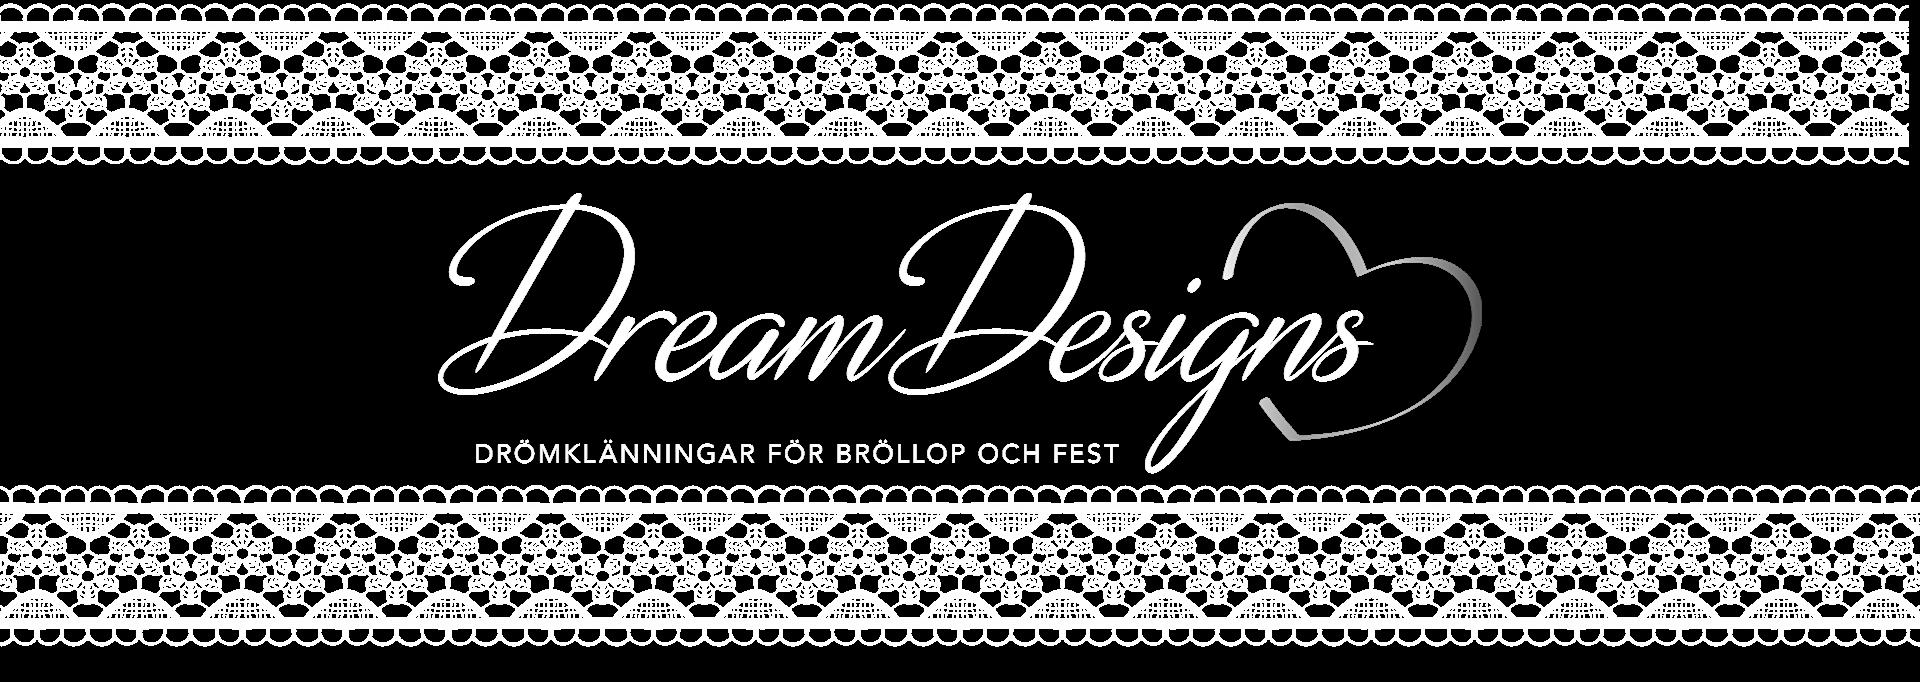 Dream Designs - Drömklänningar för bröllop och fest